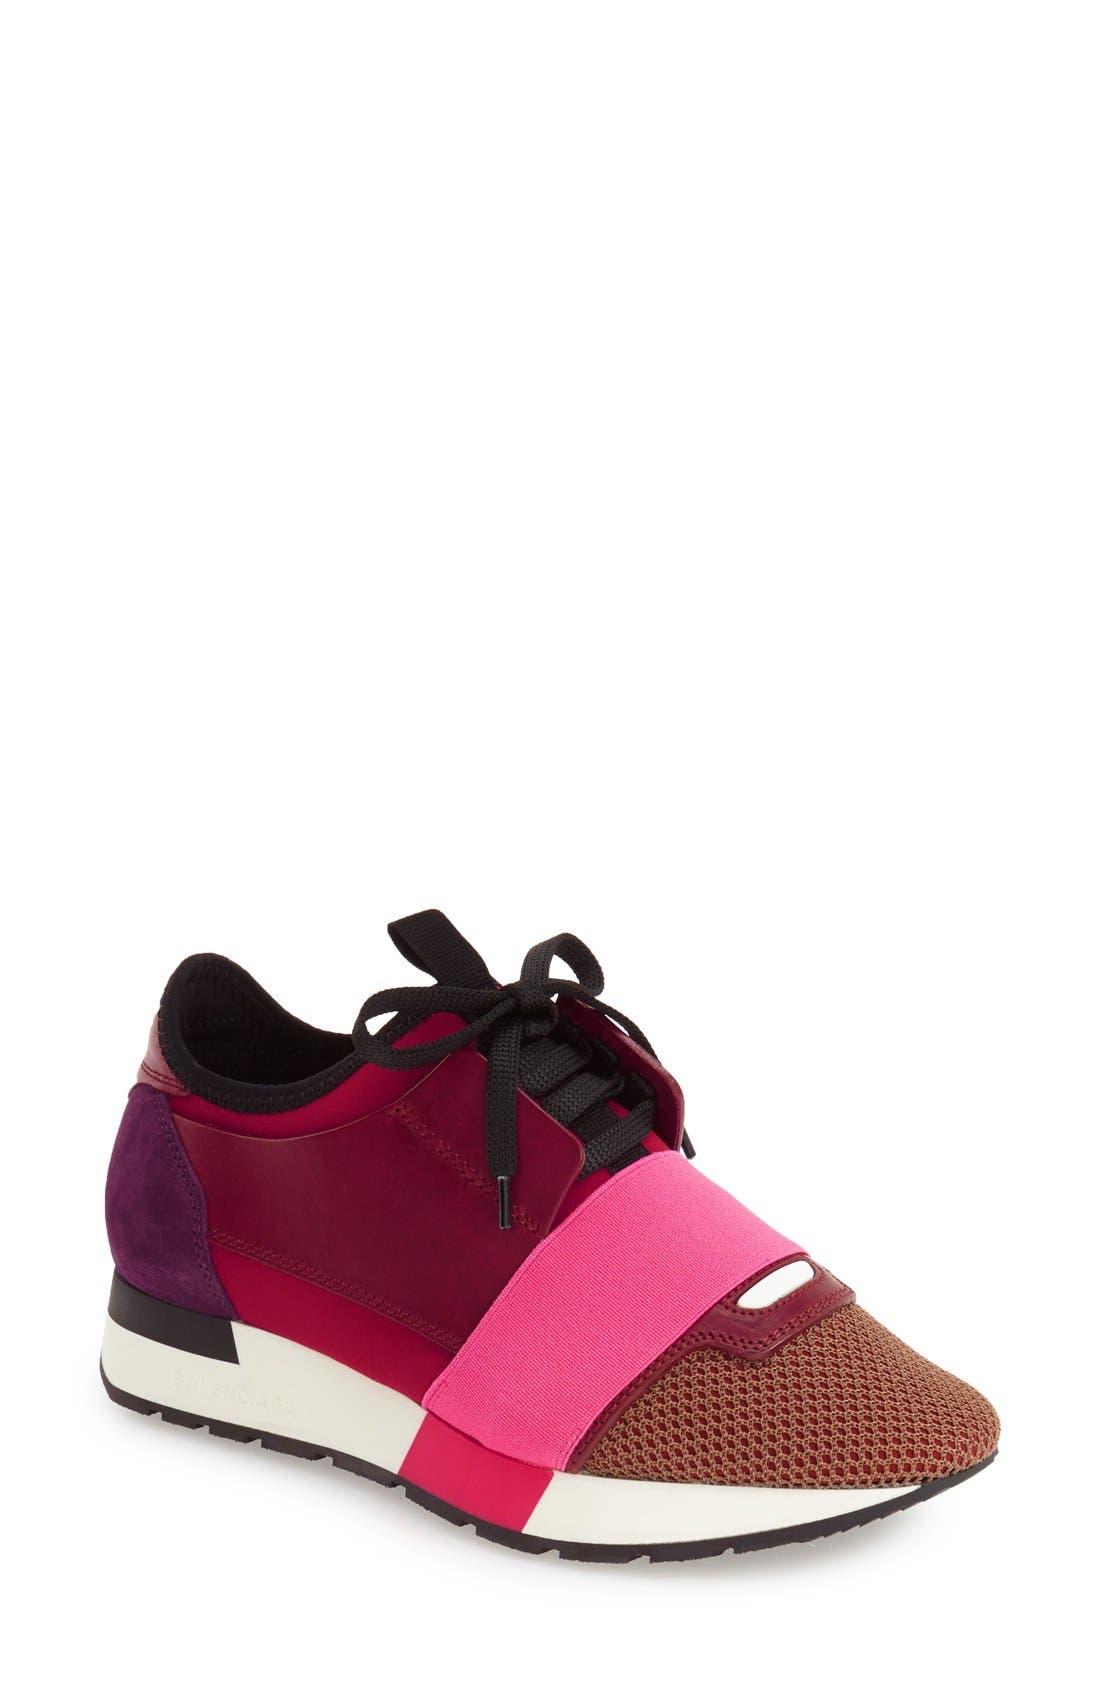 Balenciaga Mixed Media Sneaker (Women)